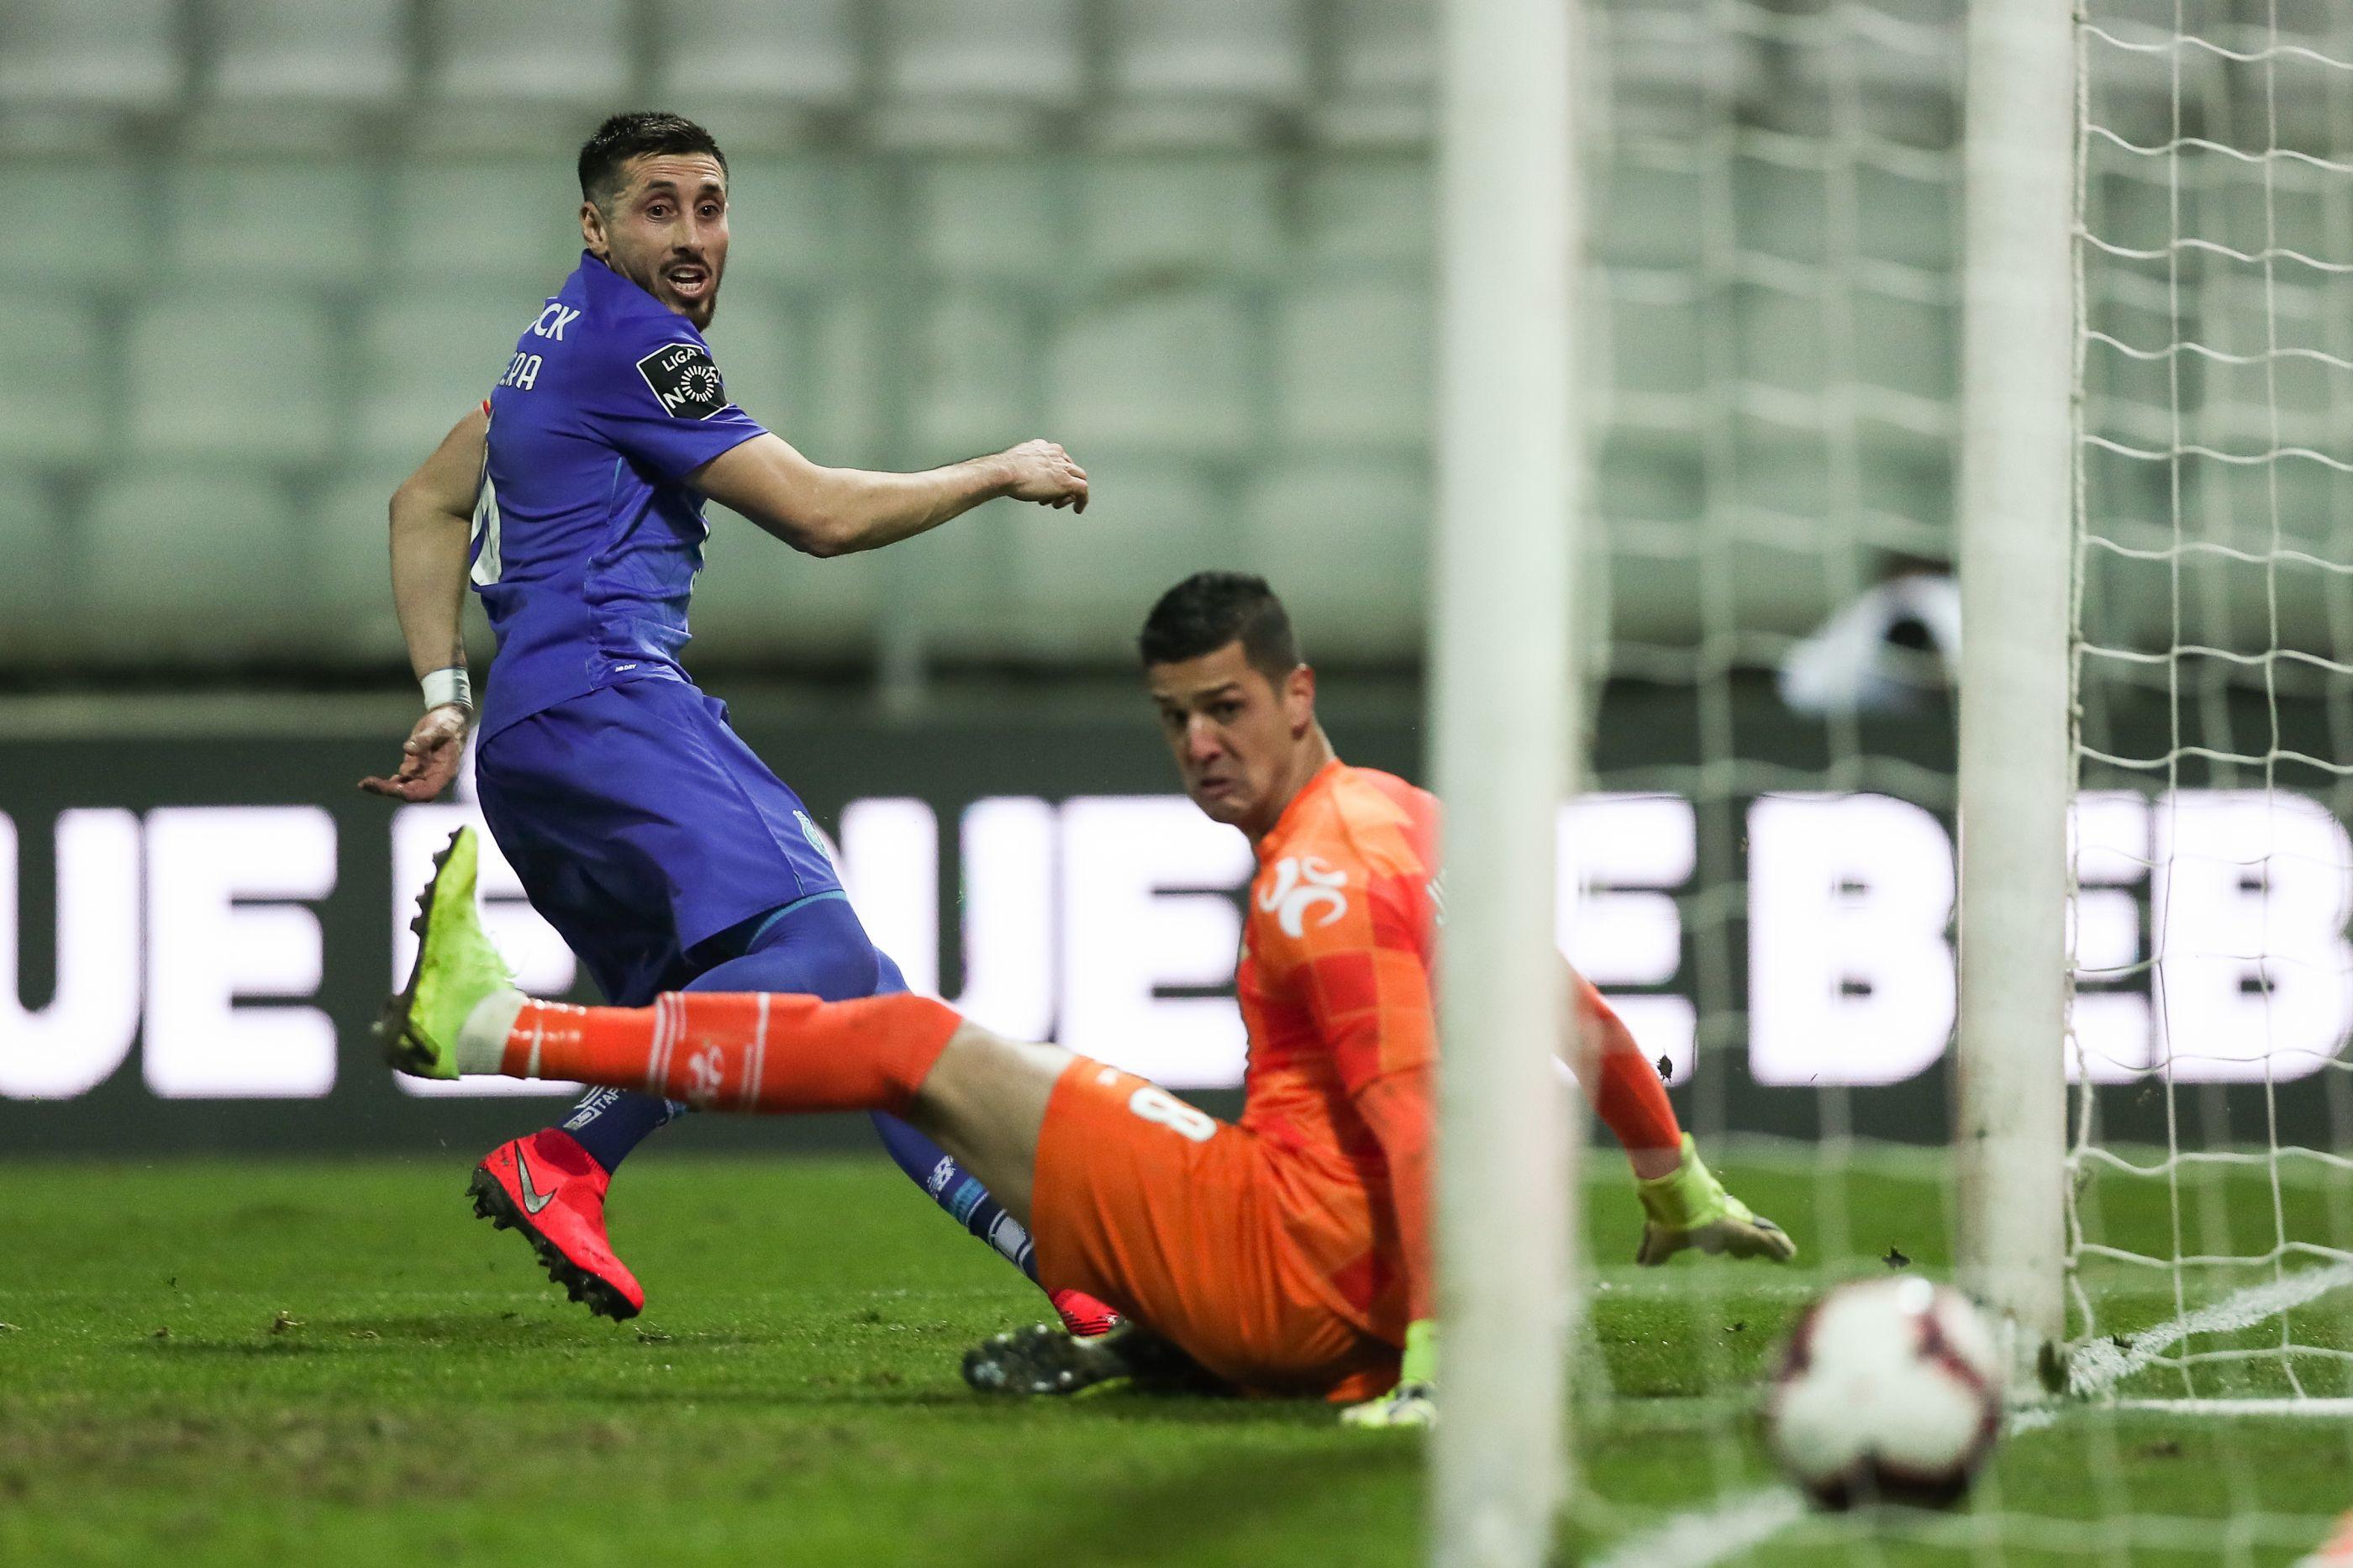 Herrera evita derrota em Moreira de Cónegos com golo nos descontos